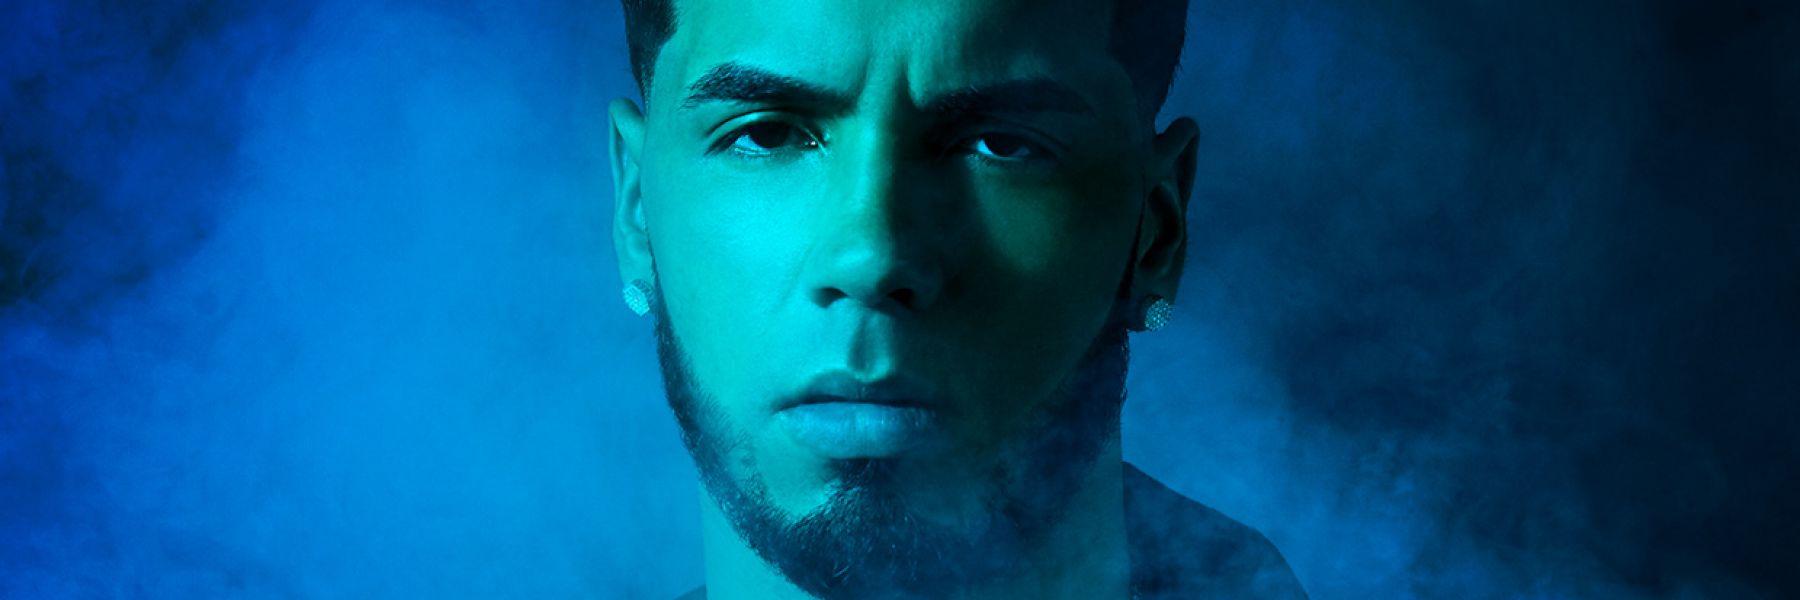 Der puerto-ricanische Reggaeton- und Trap-Sänger Anuel AA gehört zu den Shooting Stars des Genres und katapultierte sich in wenigen Jahren in deren Top 10.